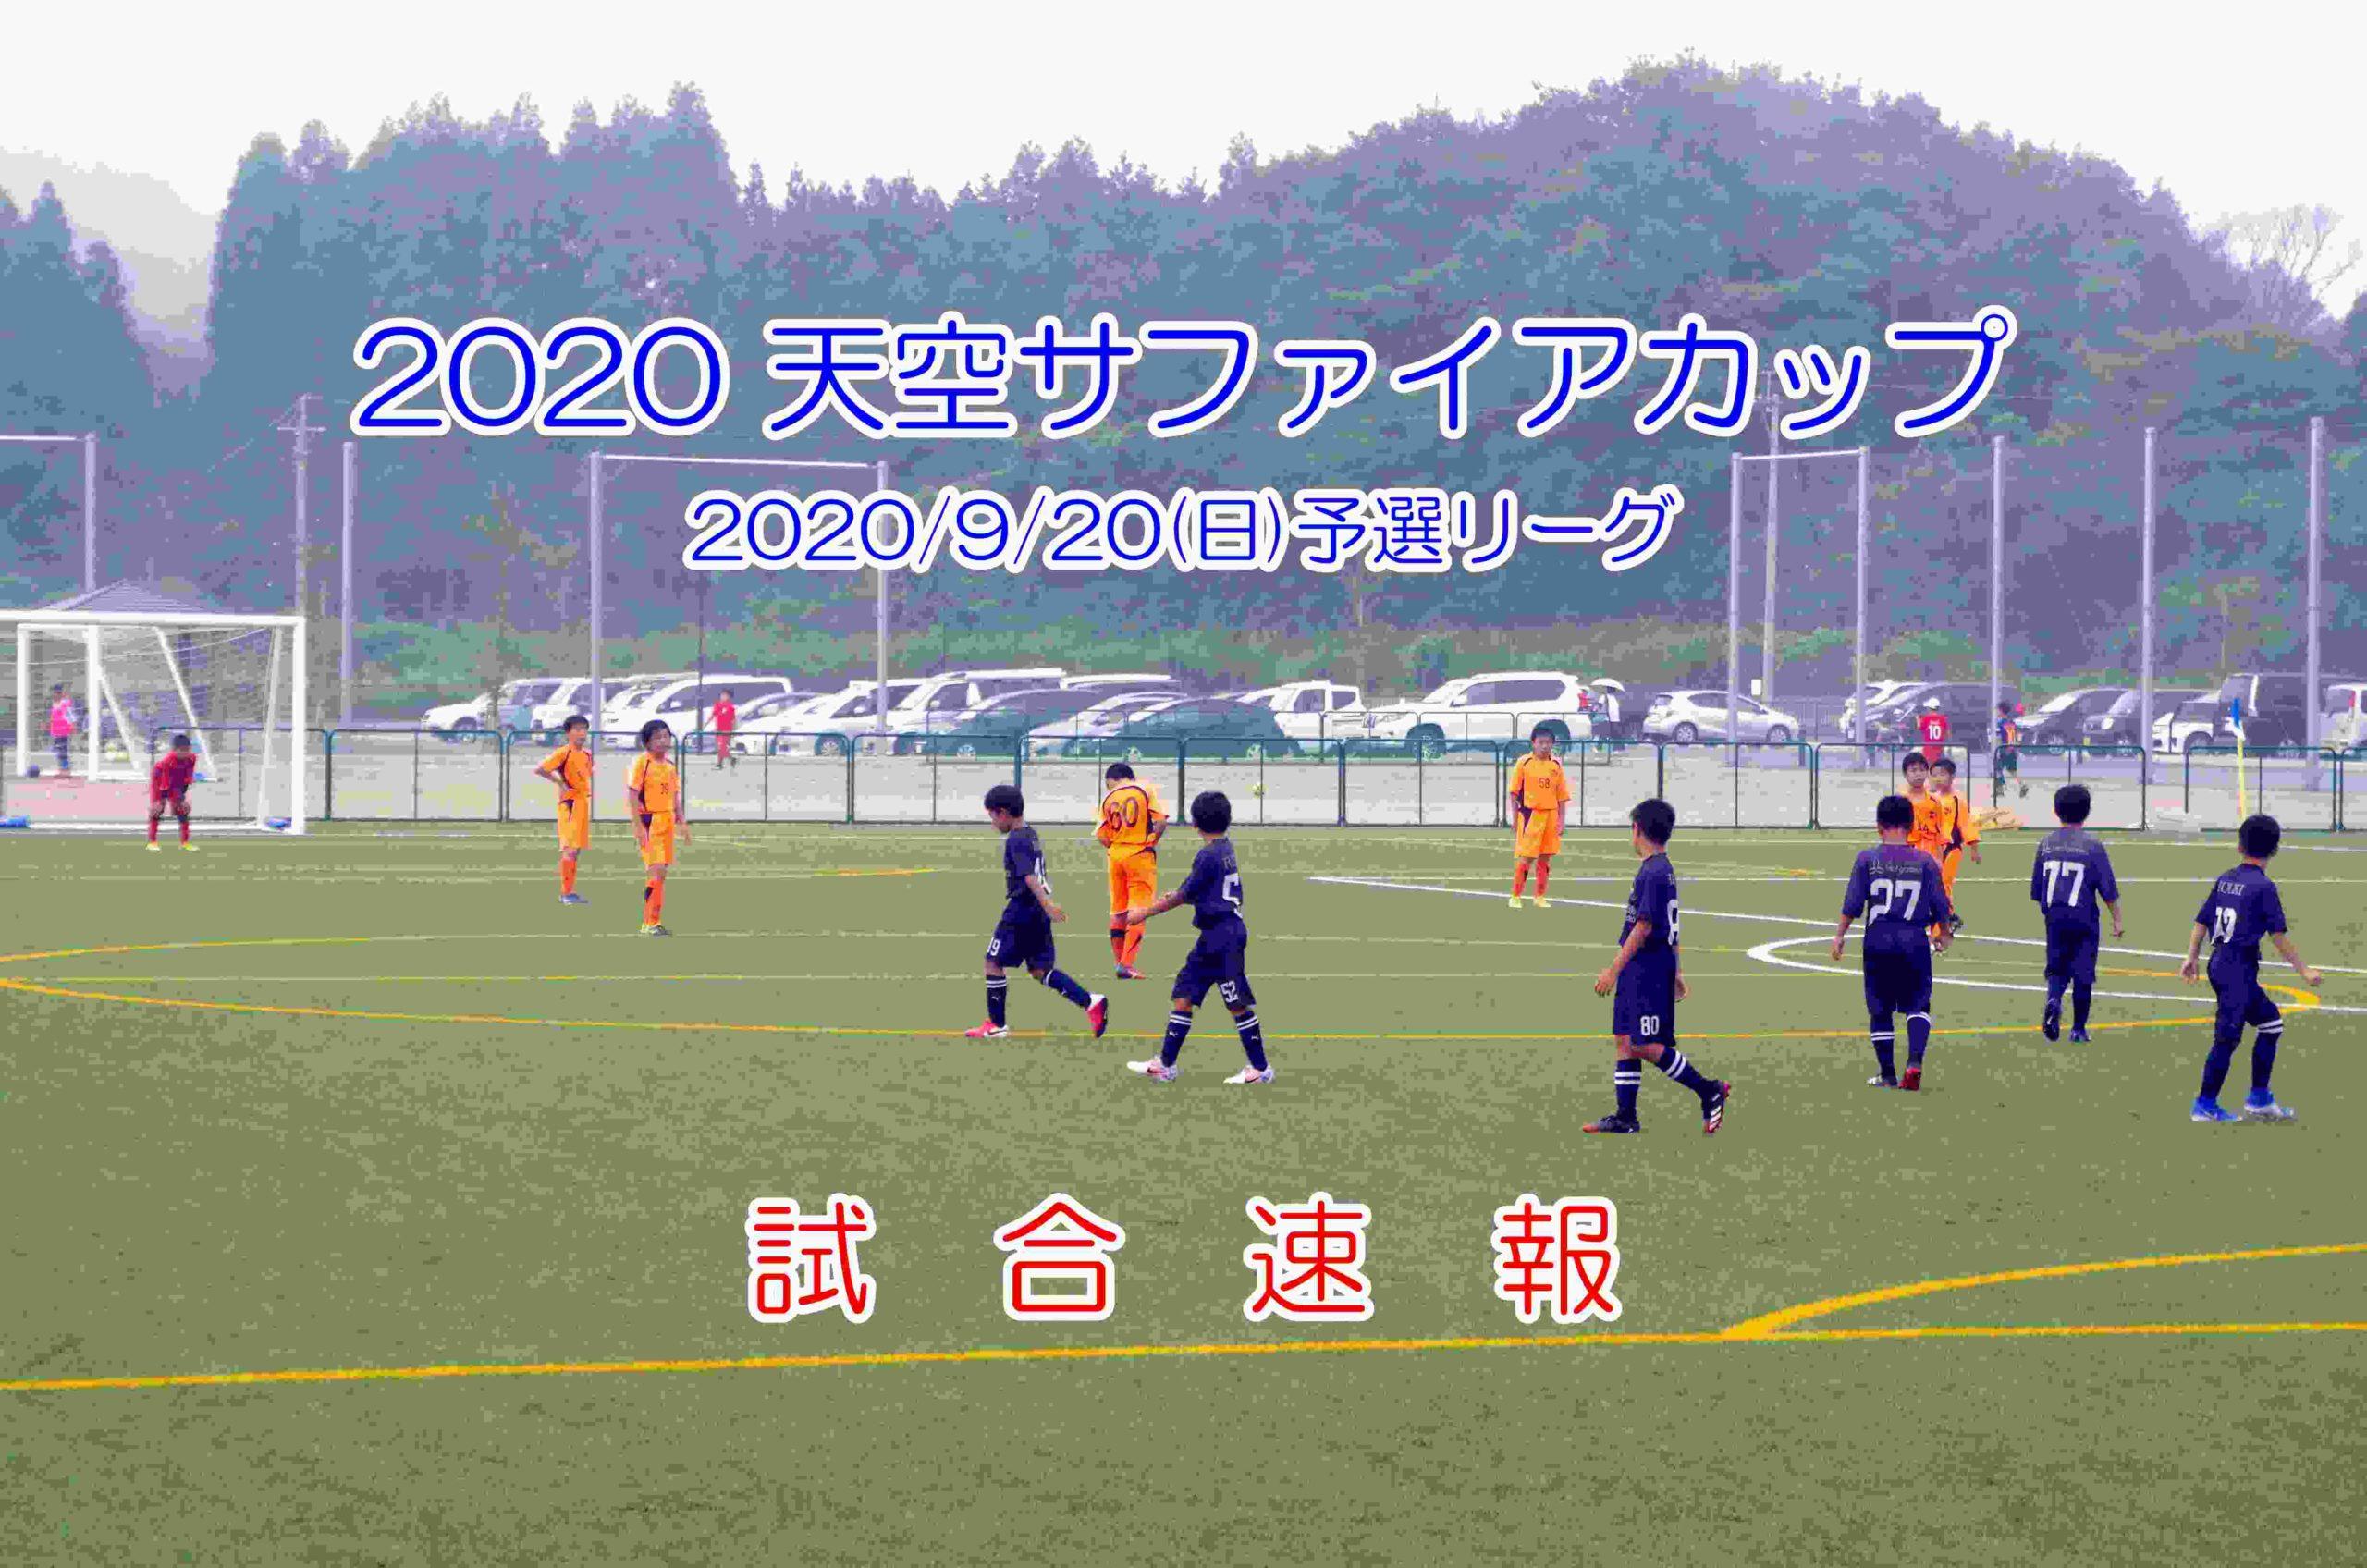 2020/9/20(日) 【第1回天空サファイアカップU-10】速報ページ